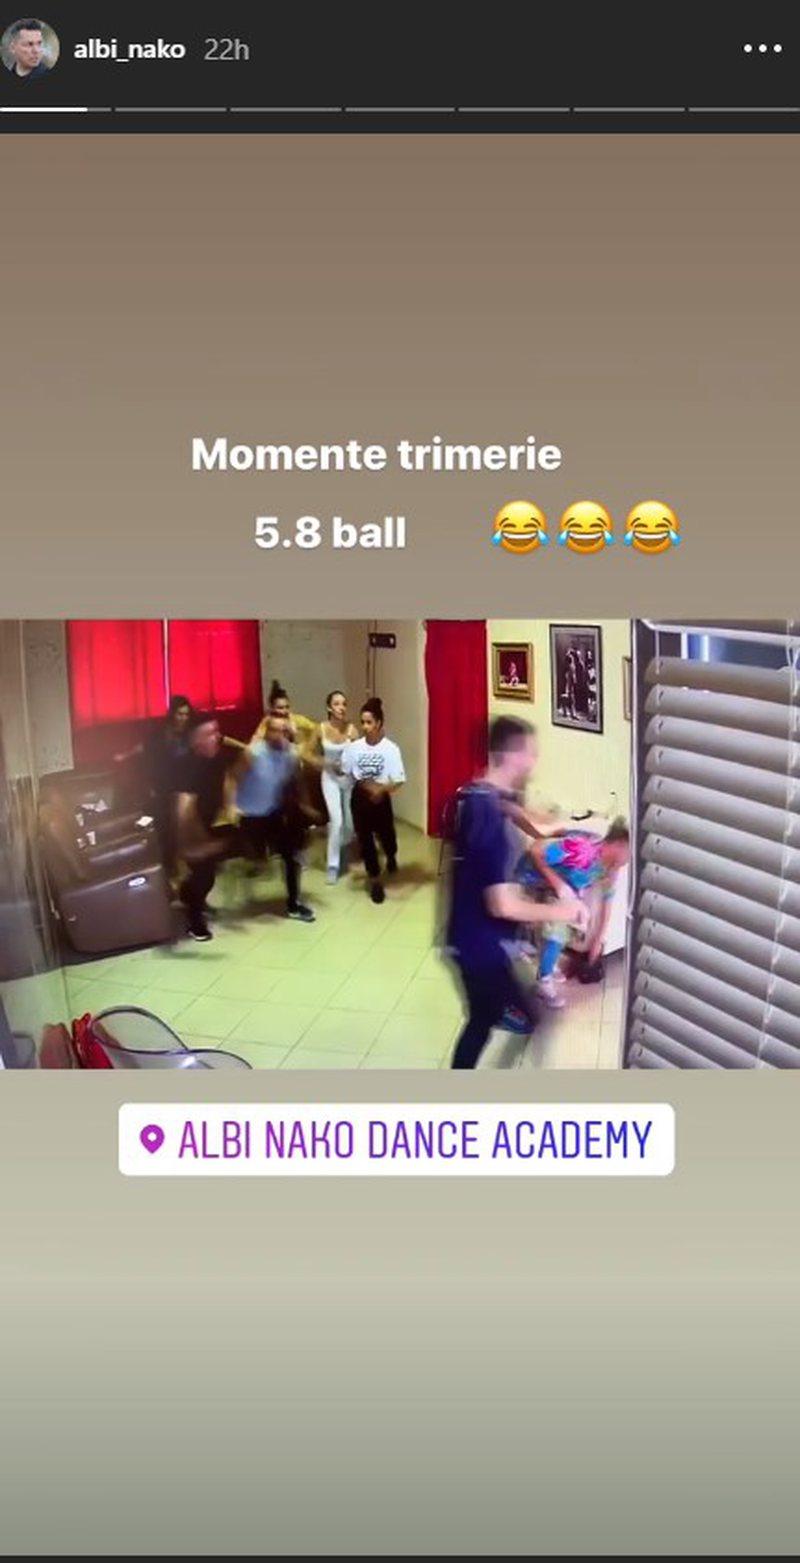 'Momente trimërie', Albi Nako tregon reagimin e balerinëve